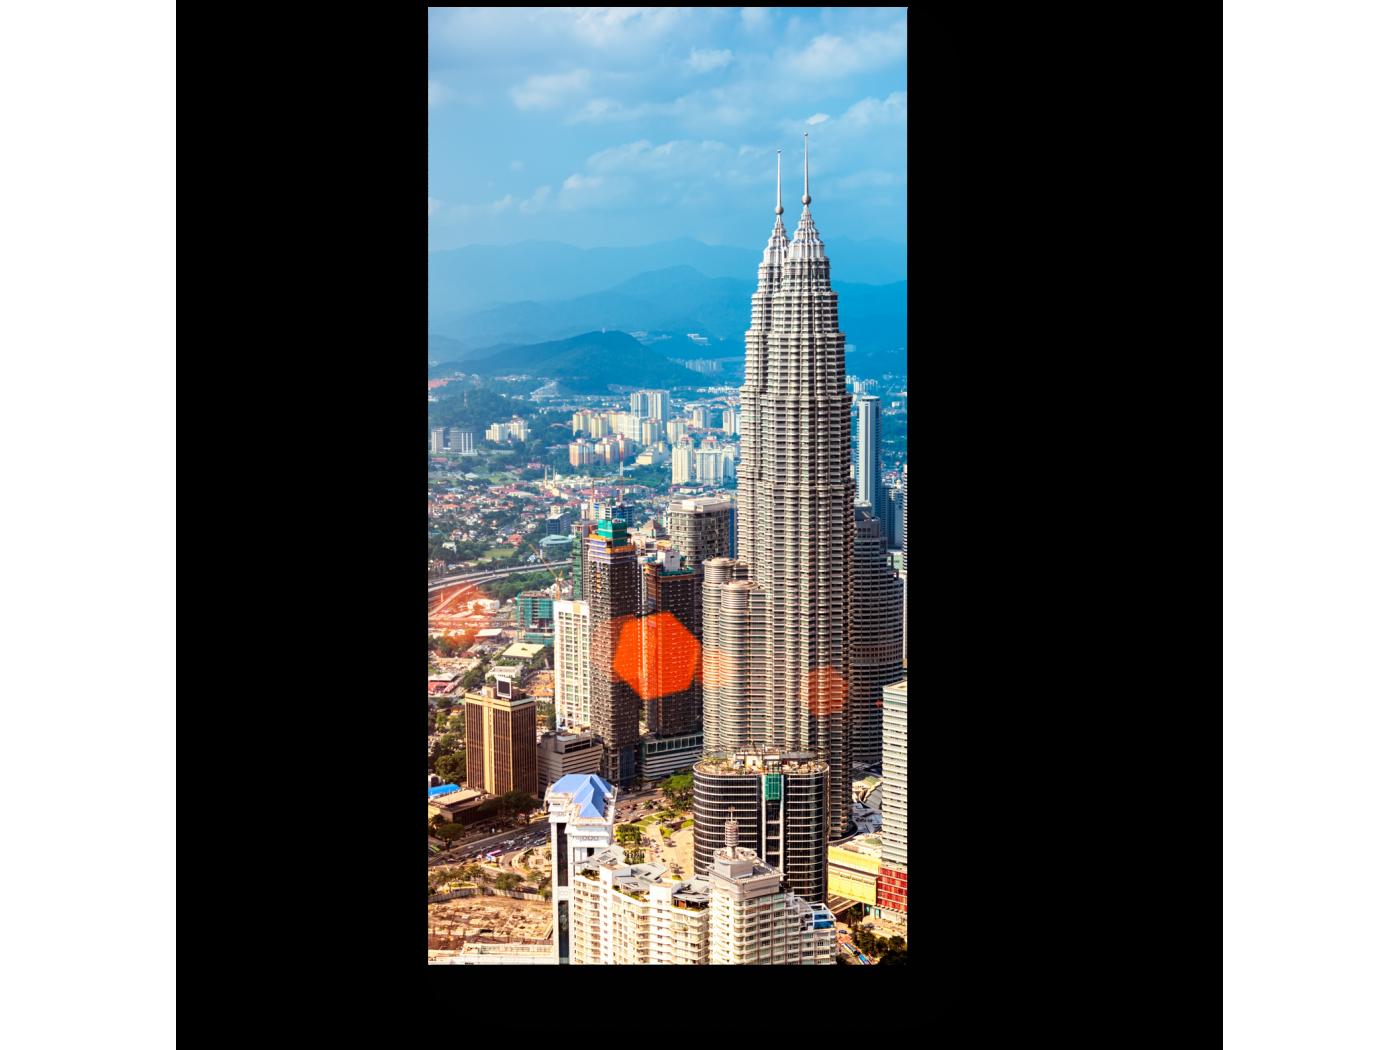 Модульная картина Куала-Лумпур с высоты птичьего полета (20x40) фото